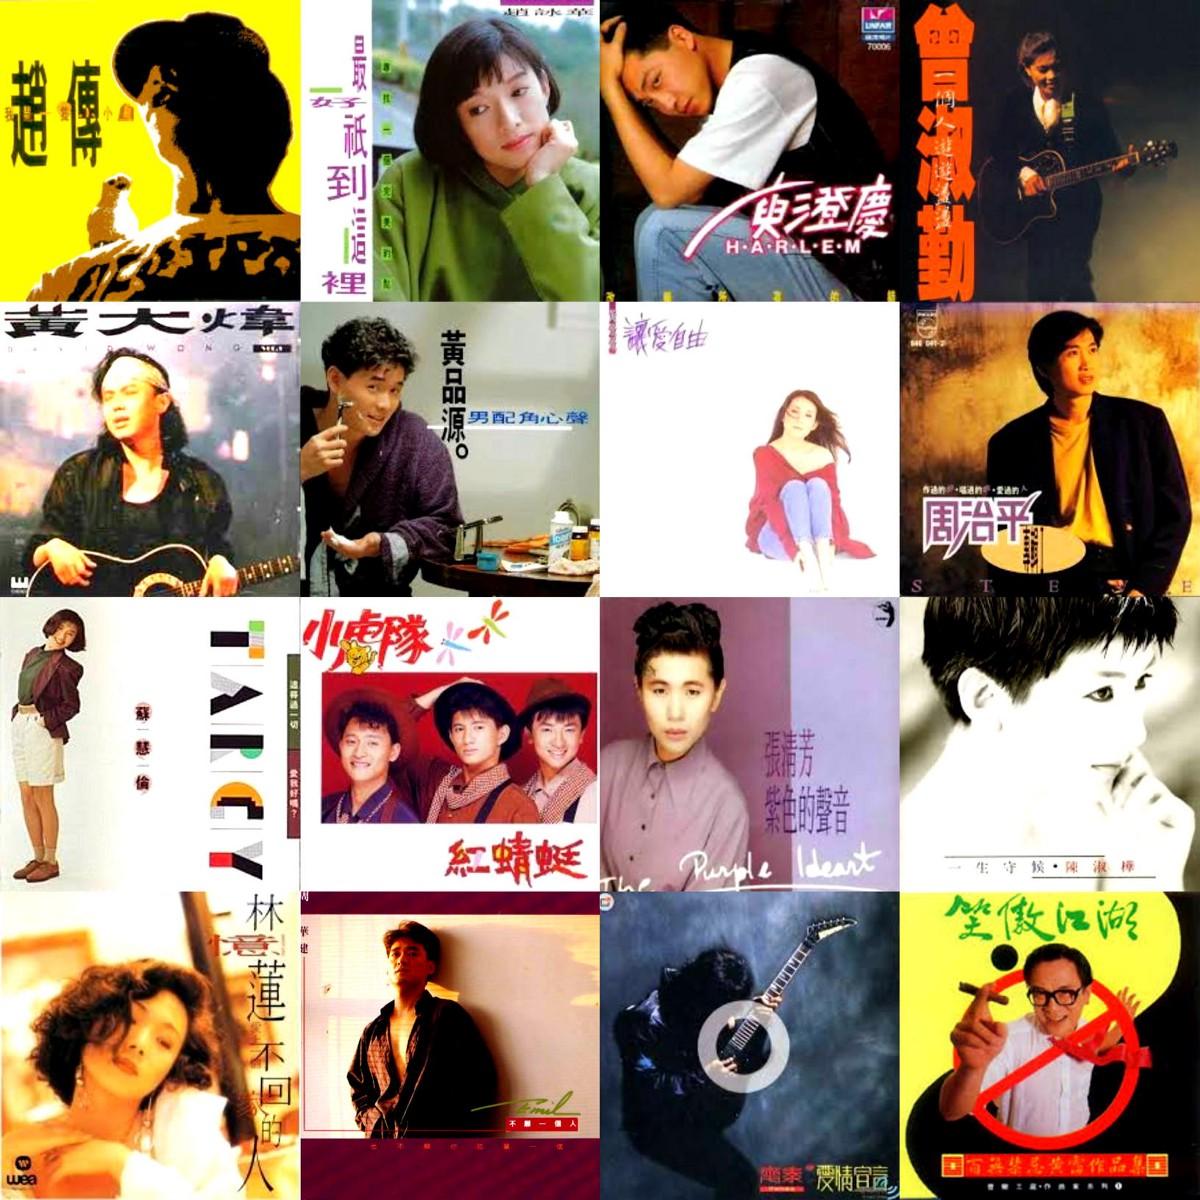 三十周年紀念,重回1990(之一)(宅在家系列 ep. 3)